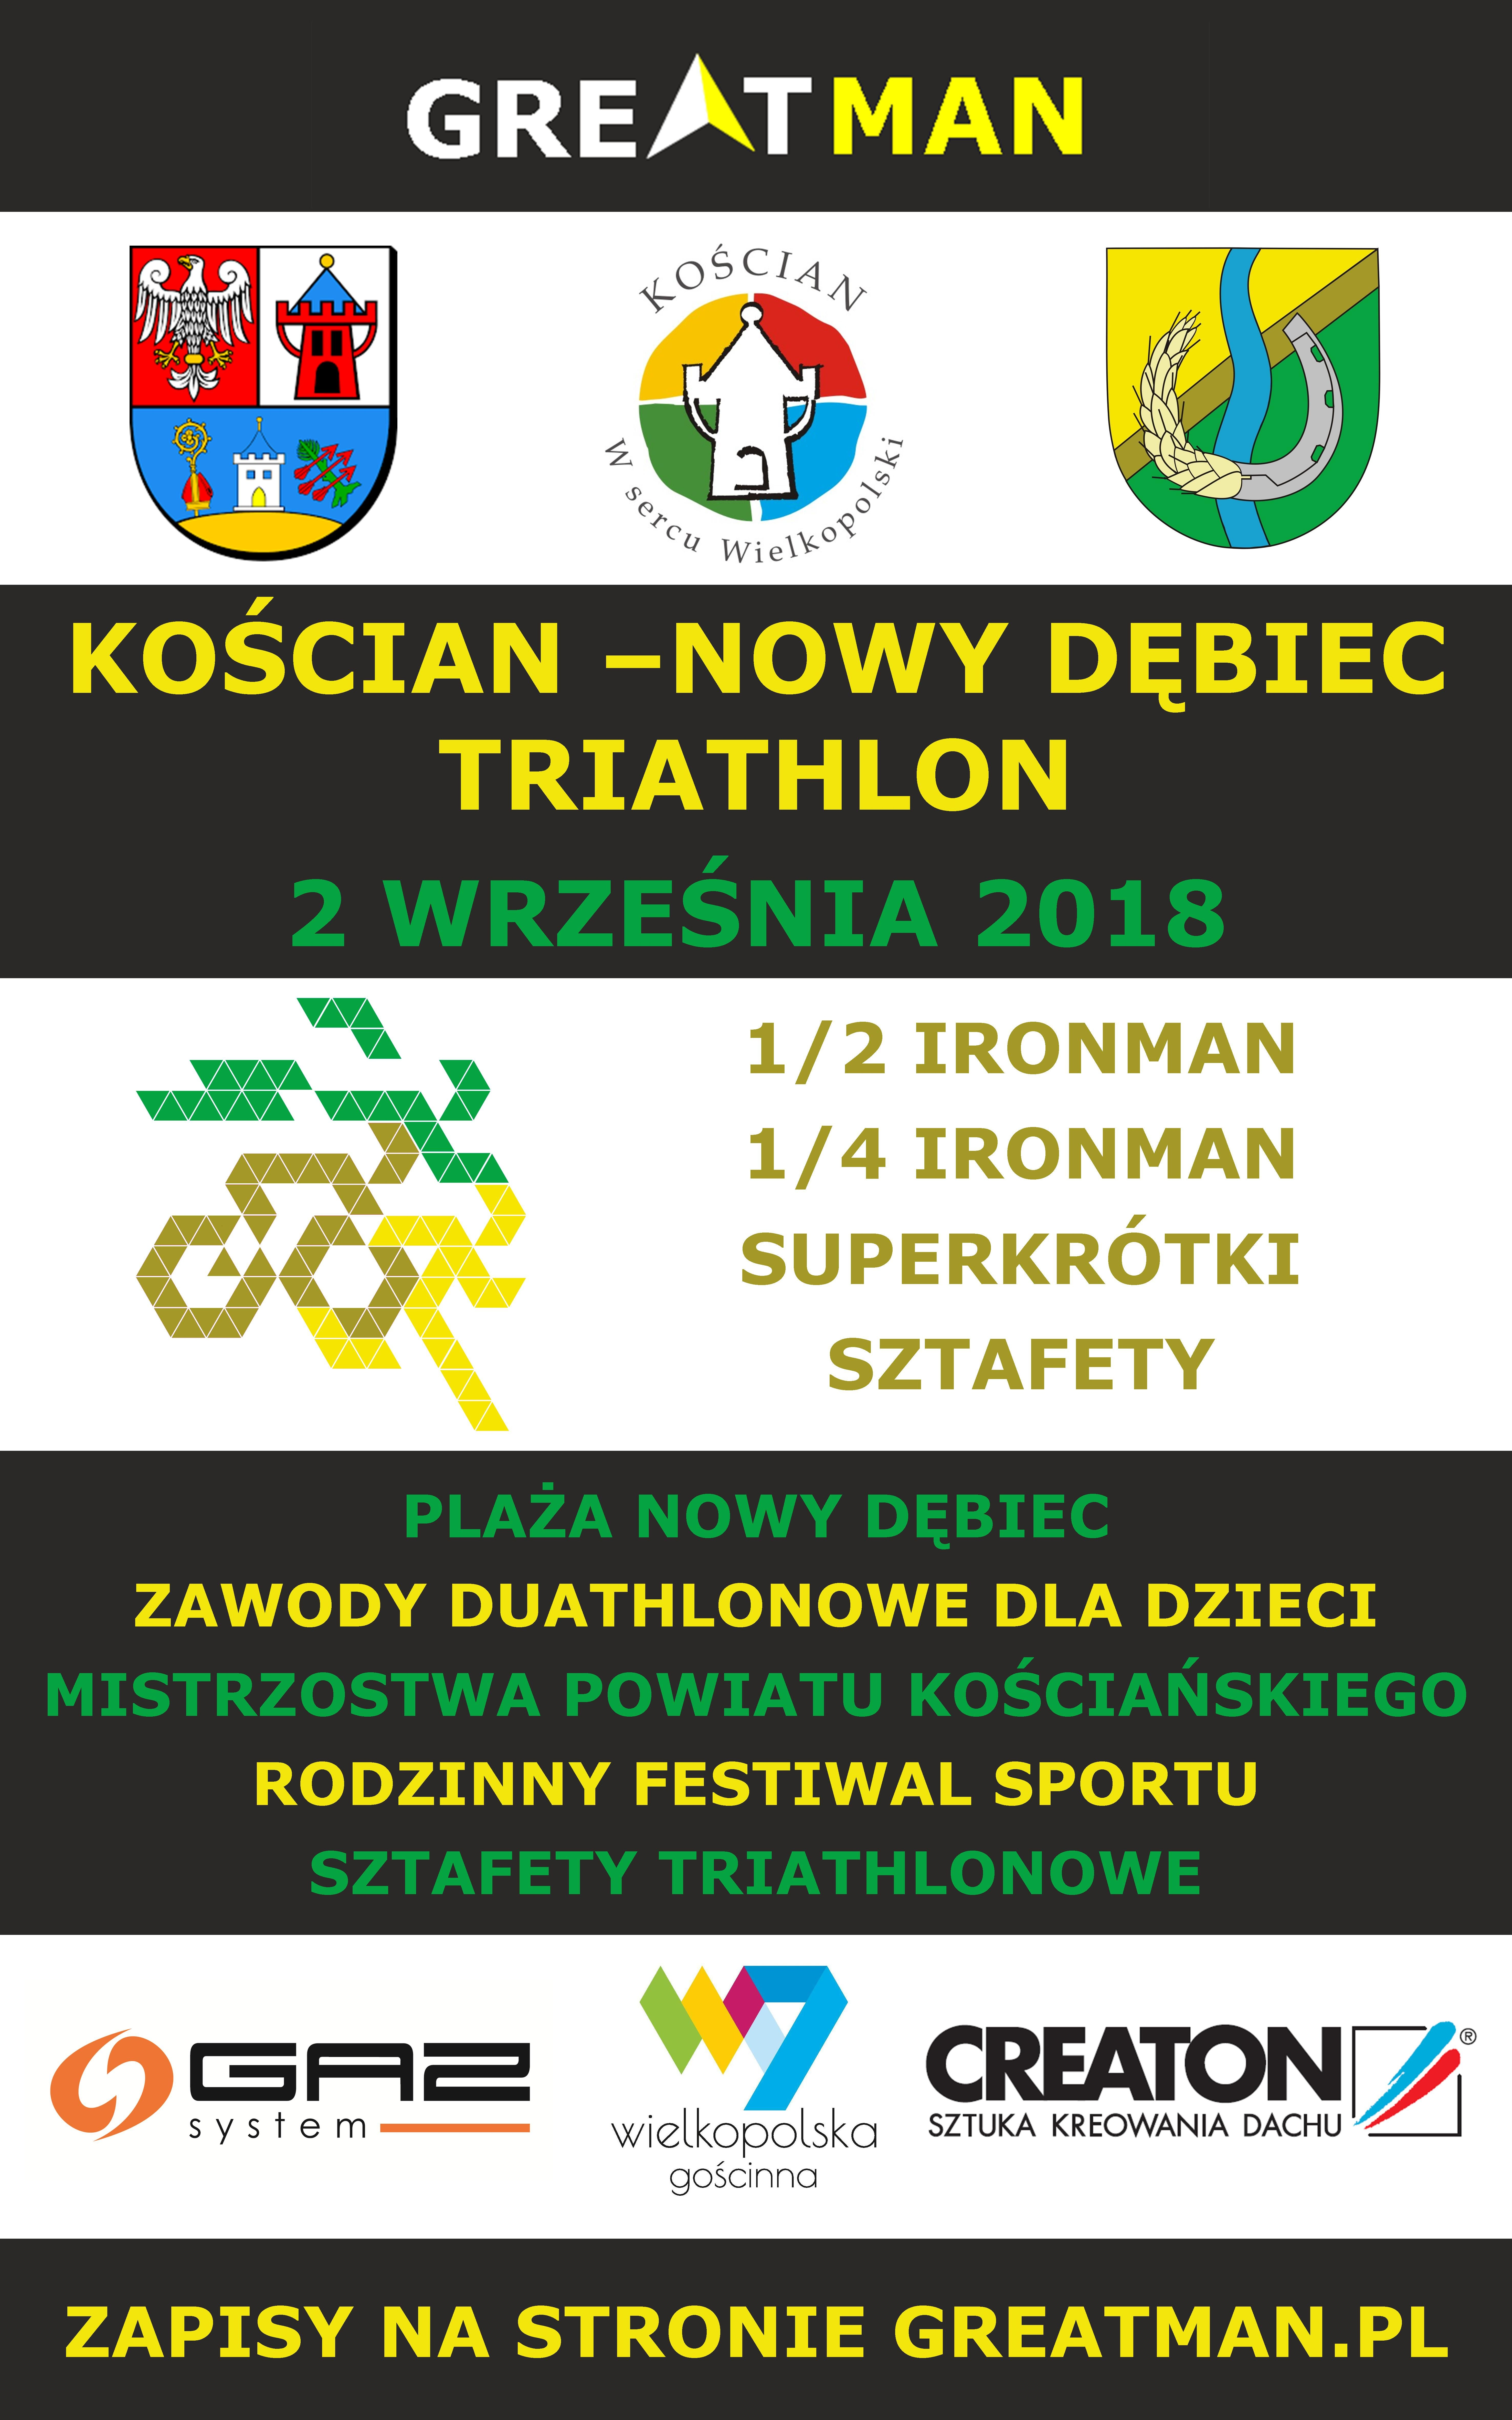 koscian nowy debiec triathlon 2018 plakat